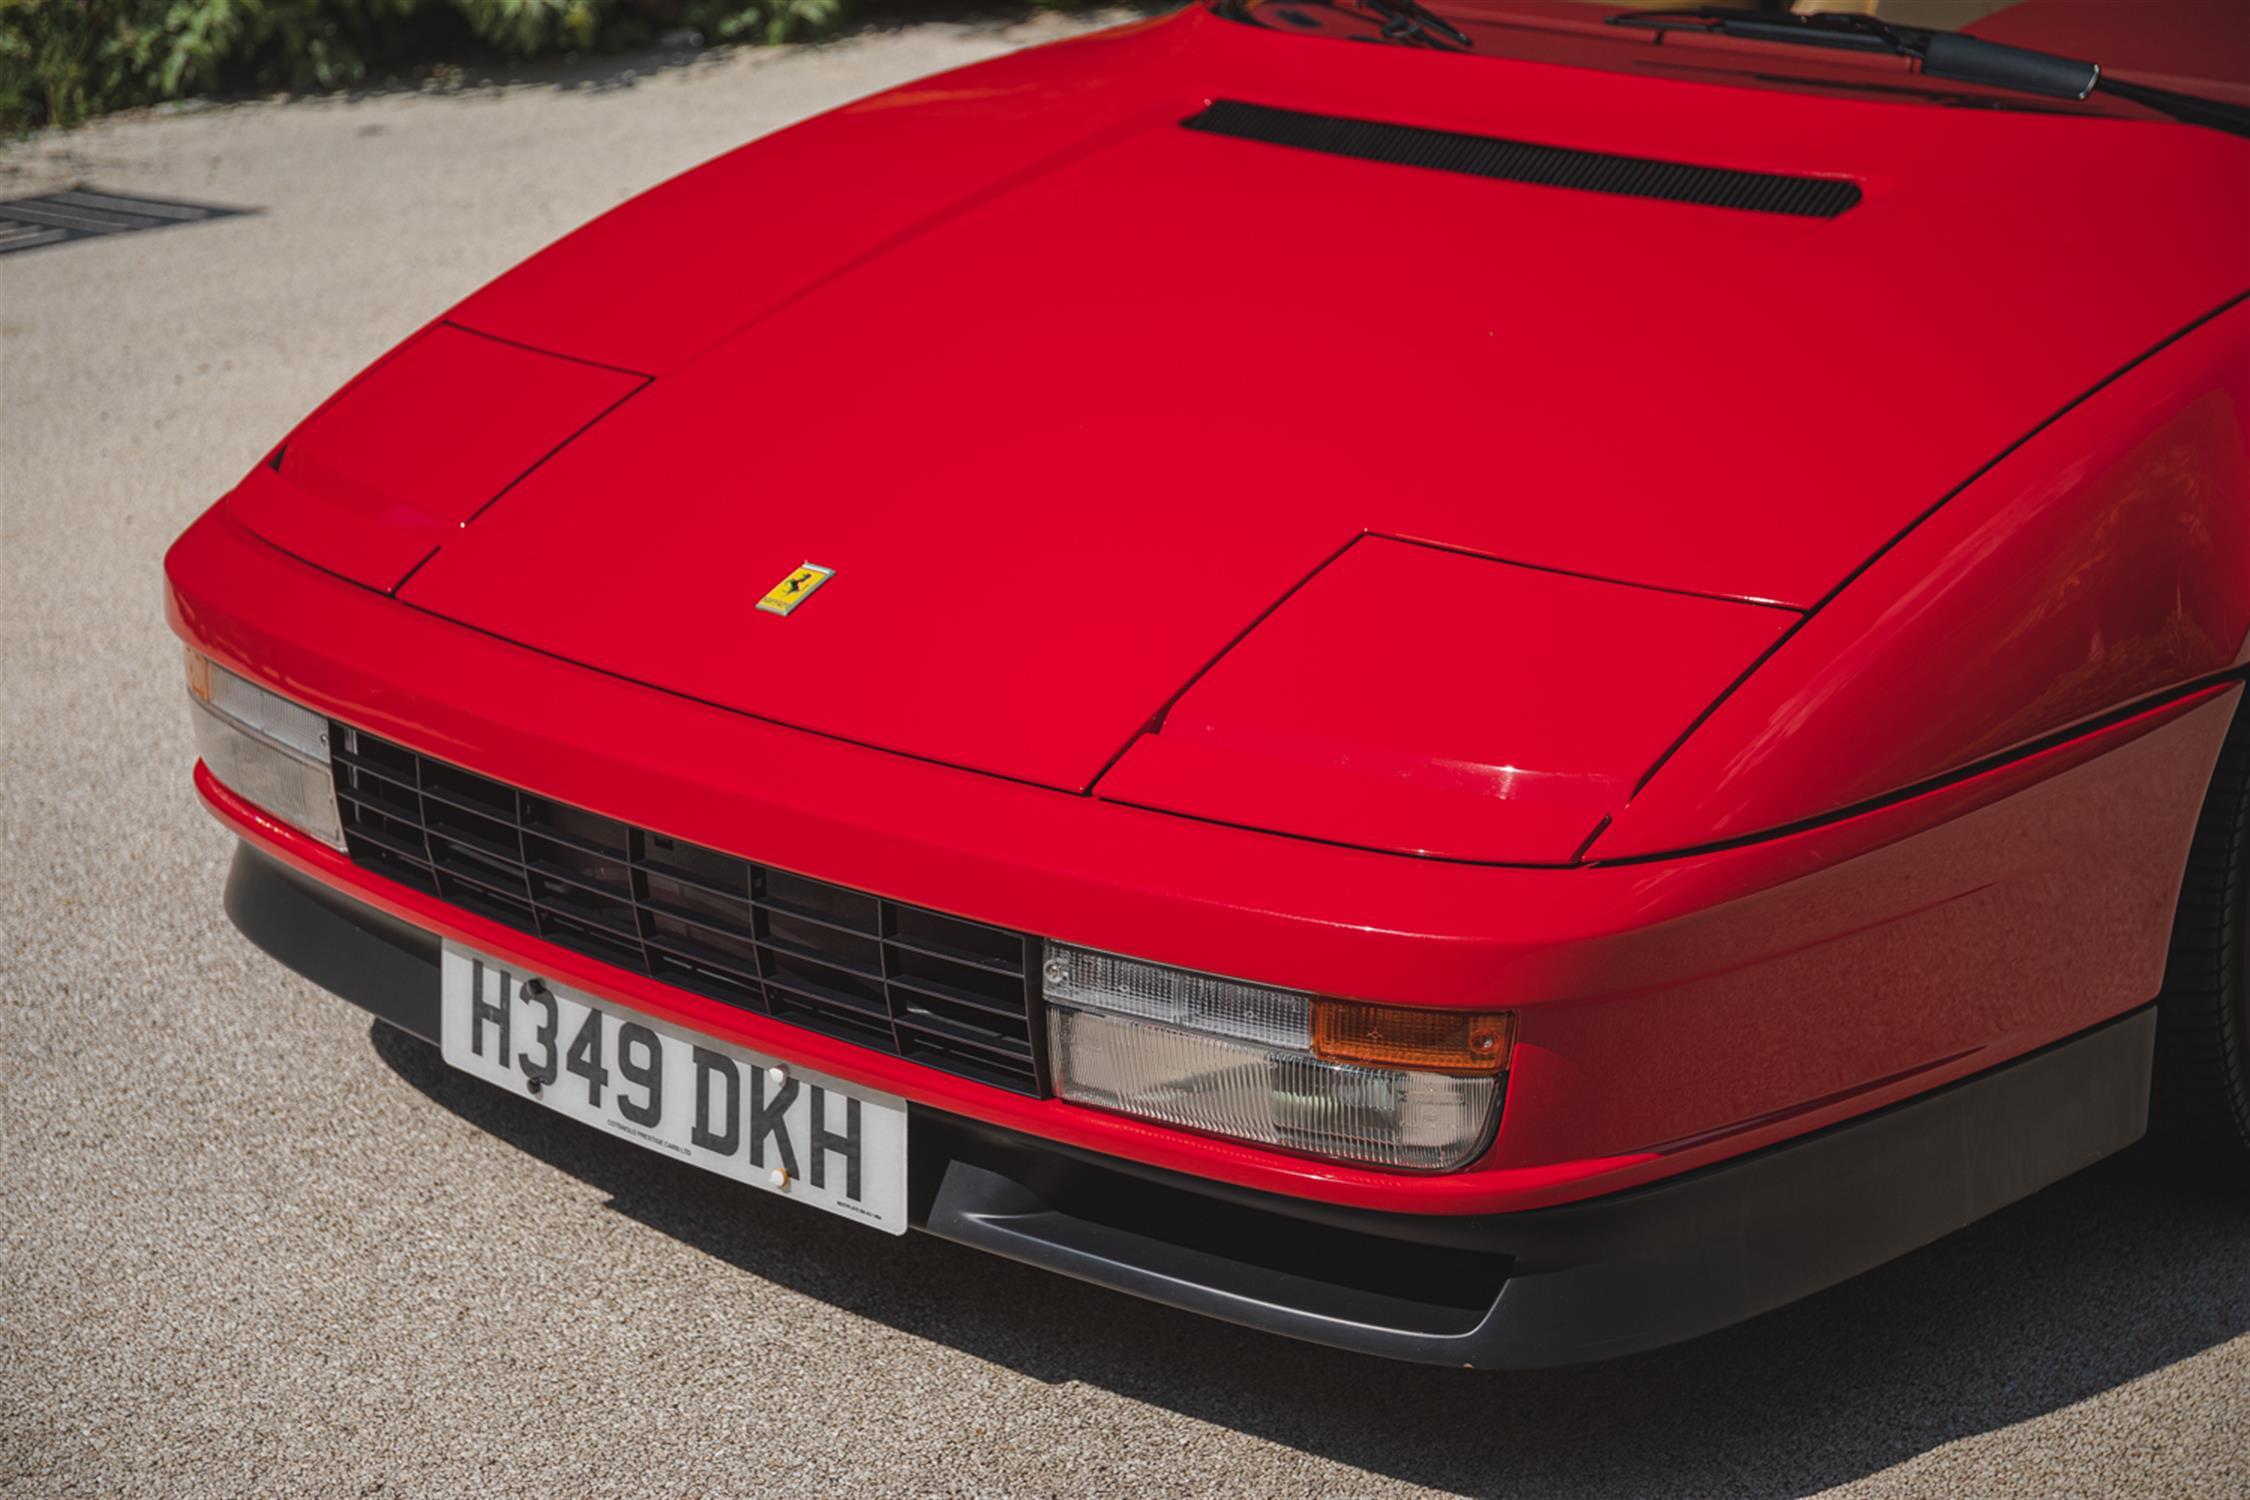 1991 Ferrari Testarossa - 1,829 Kilometres From New & Classiche'd - Image 15 of 15